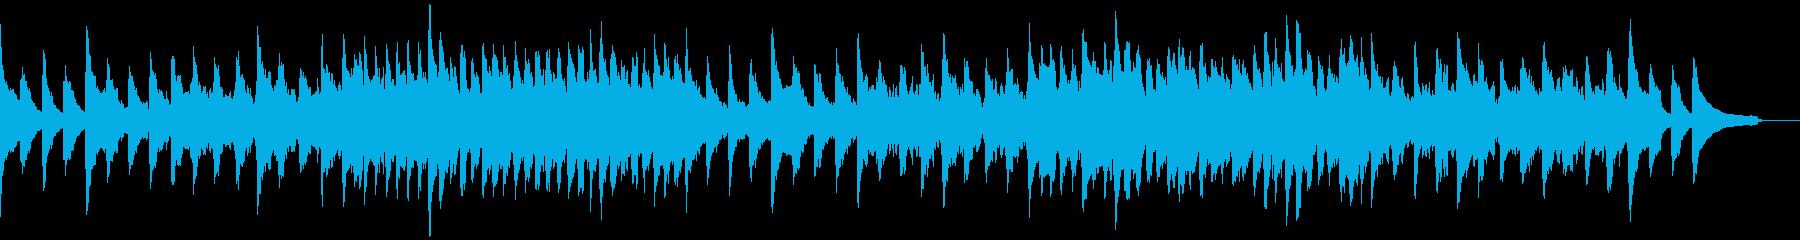 エステ、ヨガ、リラクゼーションの再生済みの波形